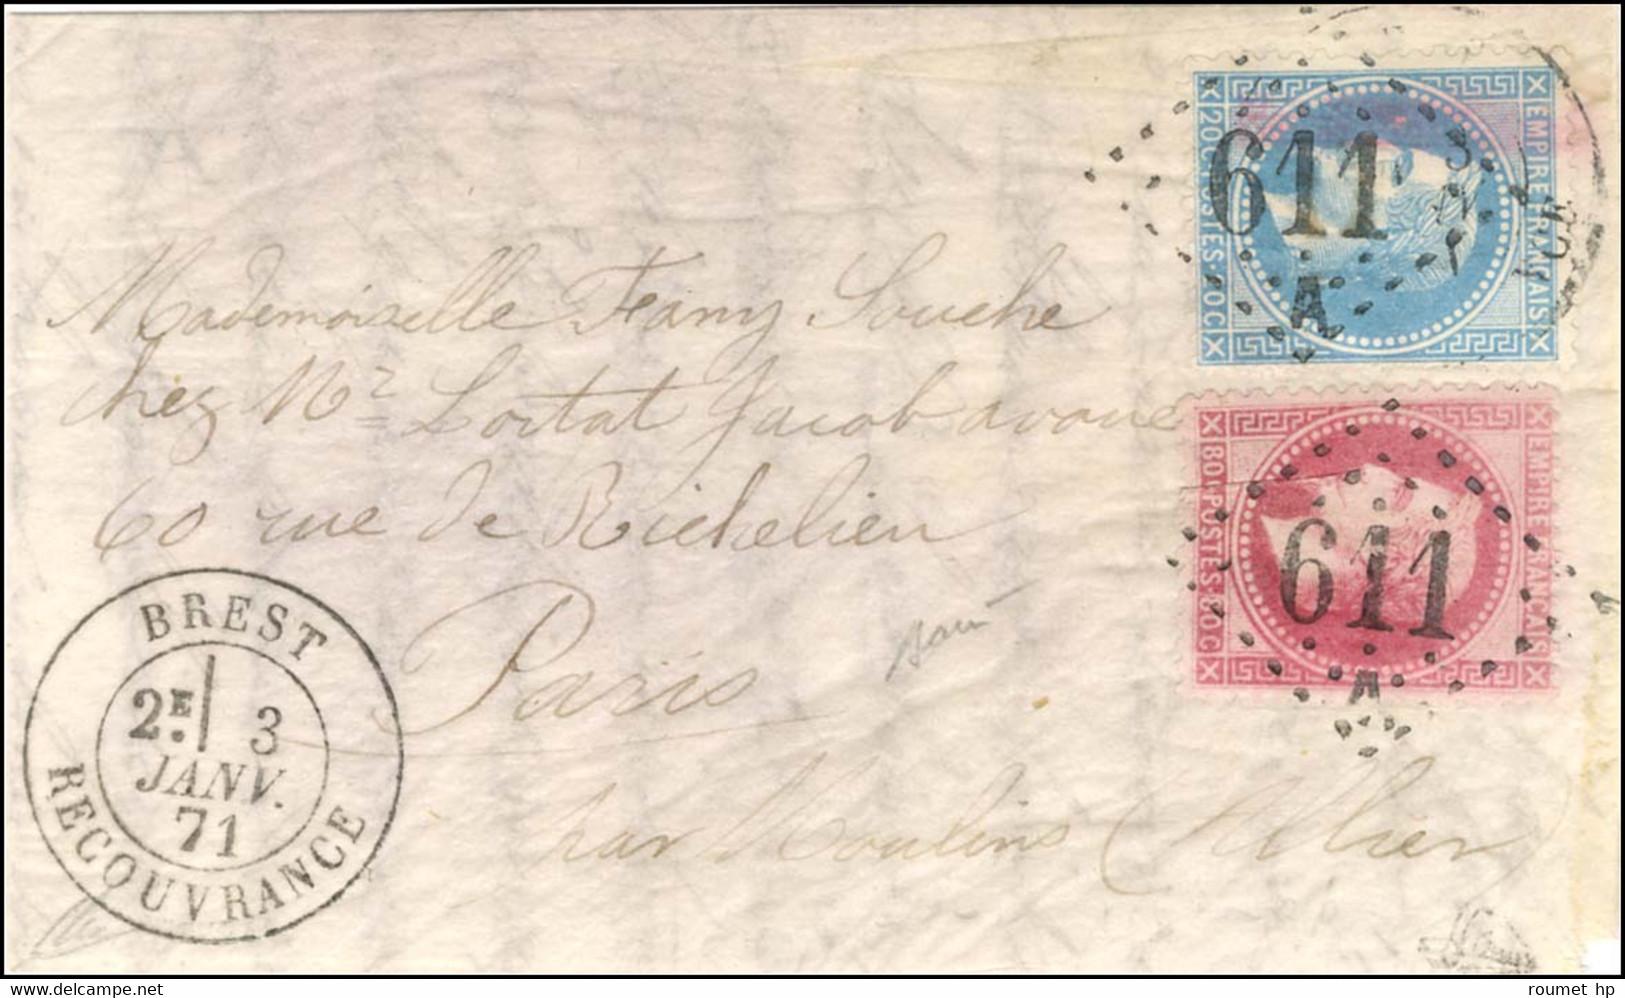 GC 611 / A / N° 29 + N° 32 Càd BREST / RECOUVRANCE 3 JANV. 71 Sur Boule De Moulins Sans Càd D'arrivée. Exceptionnel Cach - Guerra Del 1870